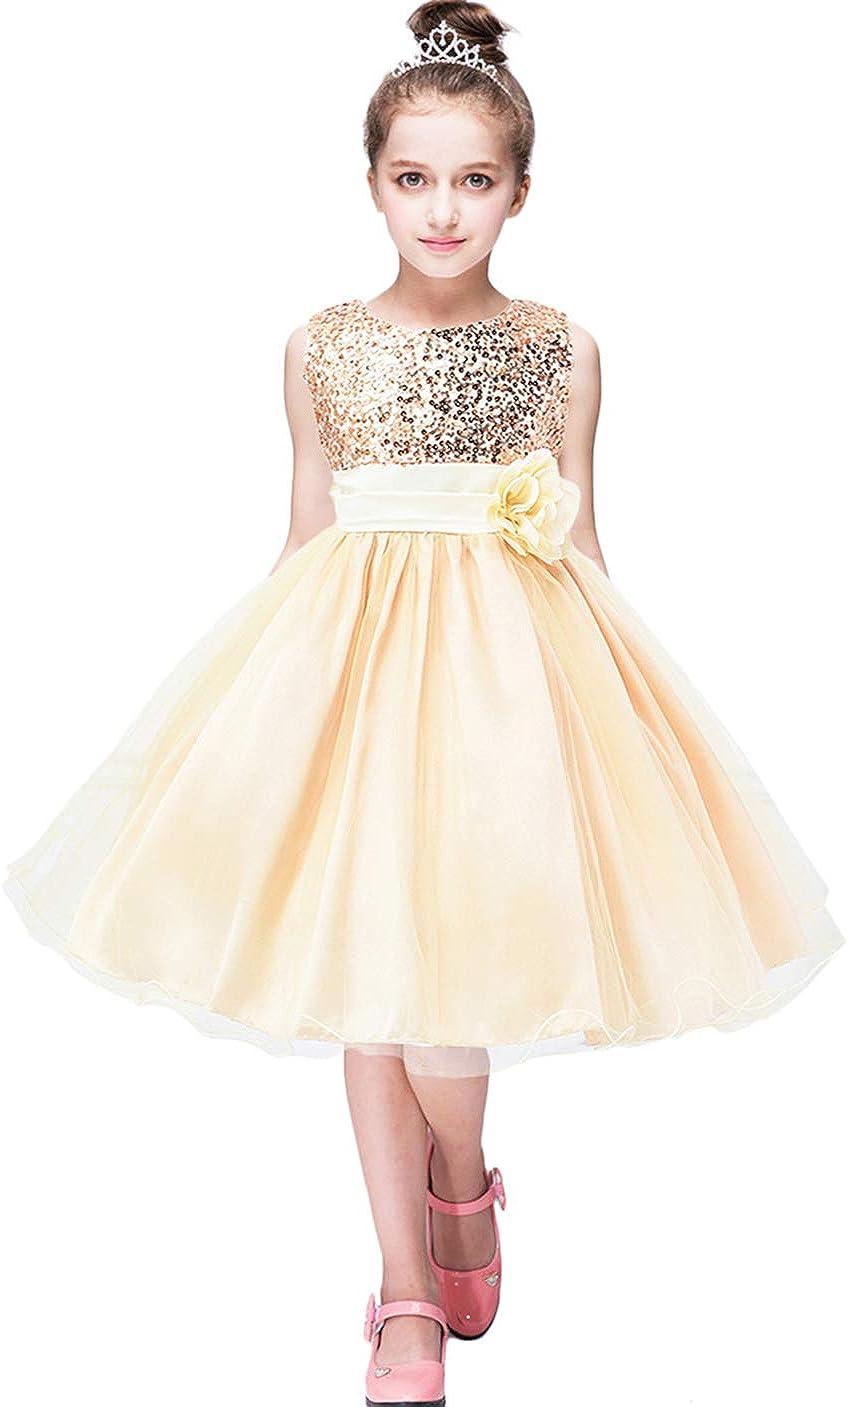 Little Baby Girls Sleeveless Flower Skirt Mesh Tulle Comfortable Breathable Lovely Elegant Embroidered Dress Prom Ball Gown Pink